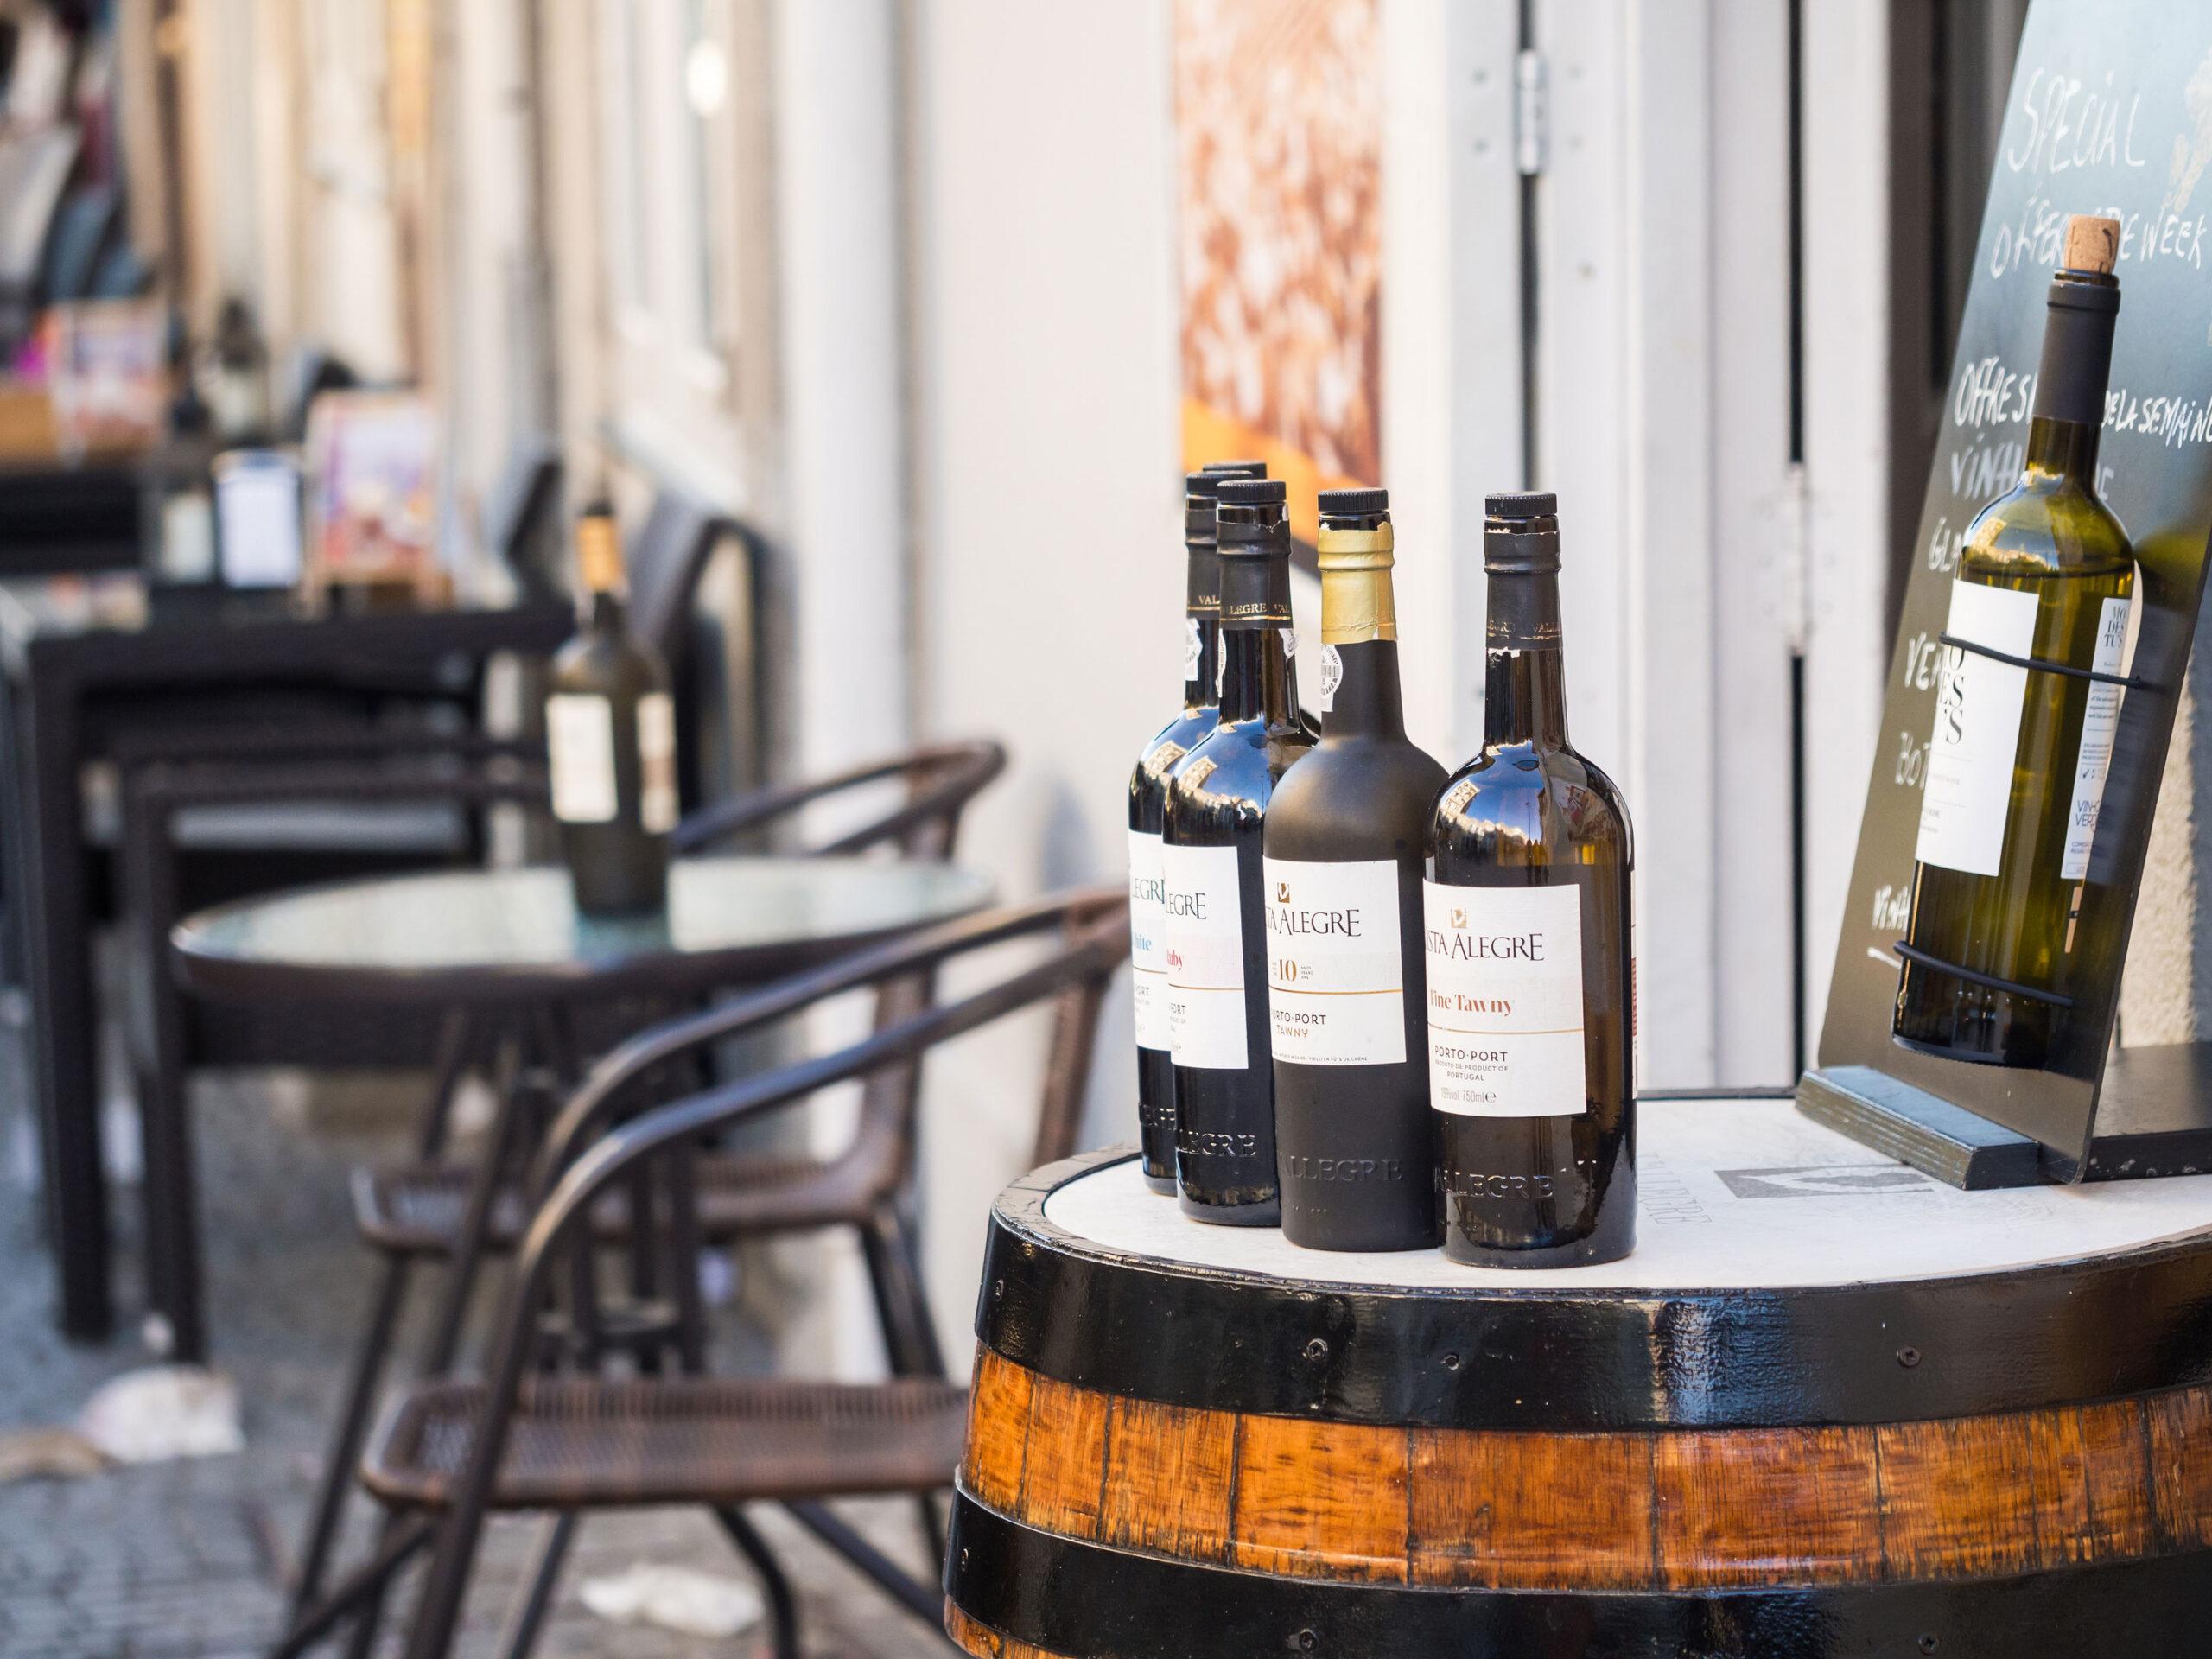 portvin Porto Portugal hva kjope shoppingtips handle guide